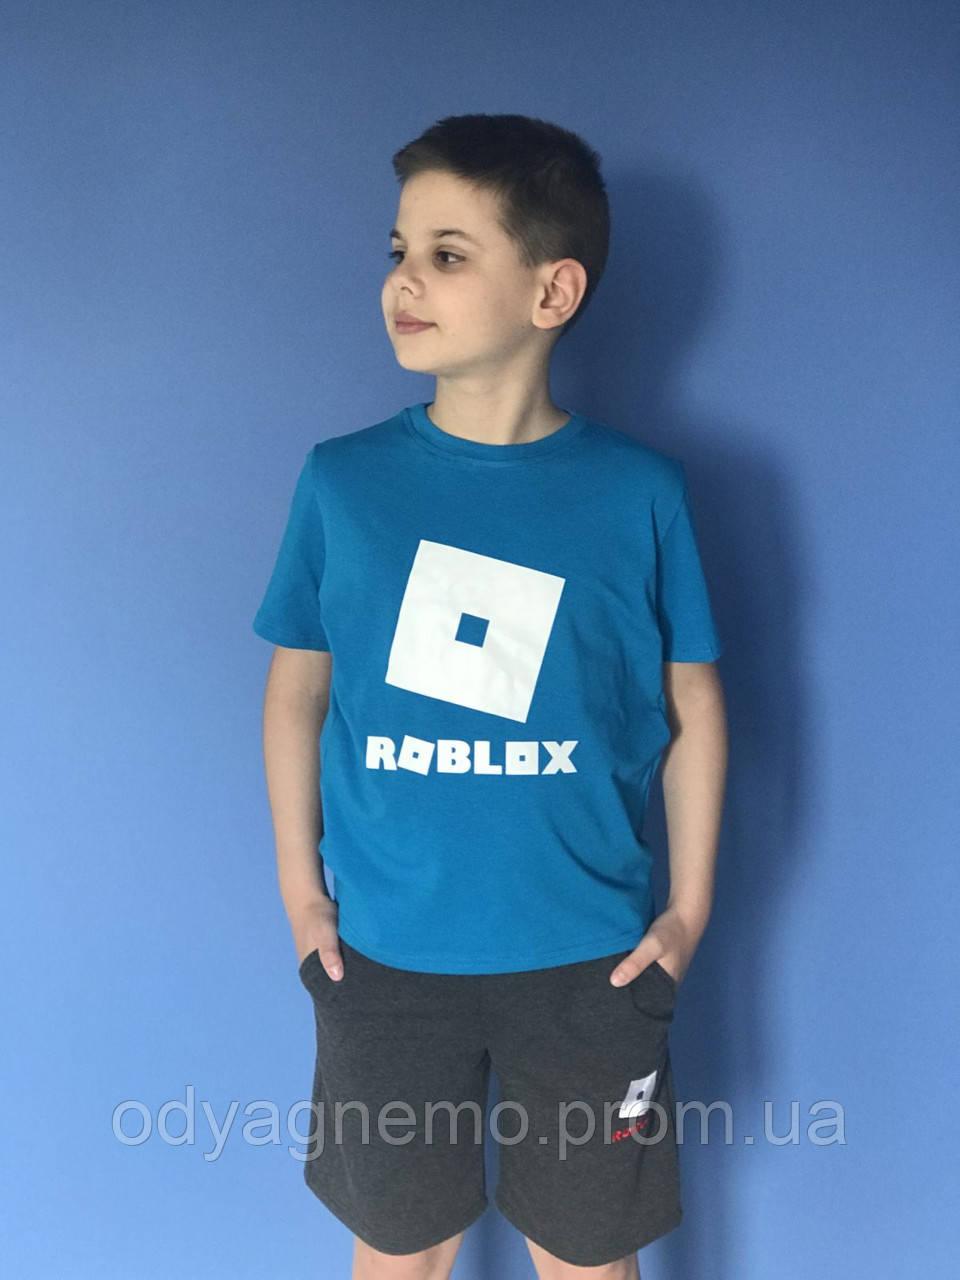 Футболка Roblox для мальчиков, 134-158 рр. Артикул: JP1139-синий